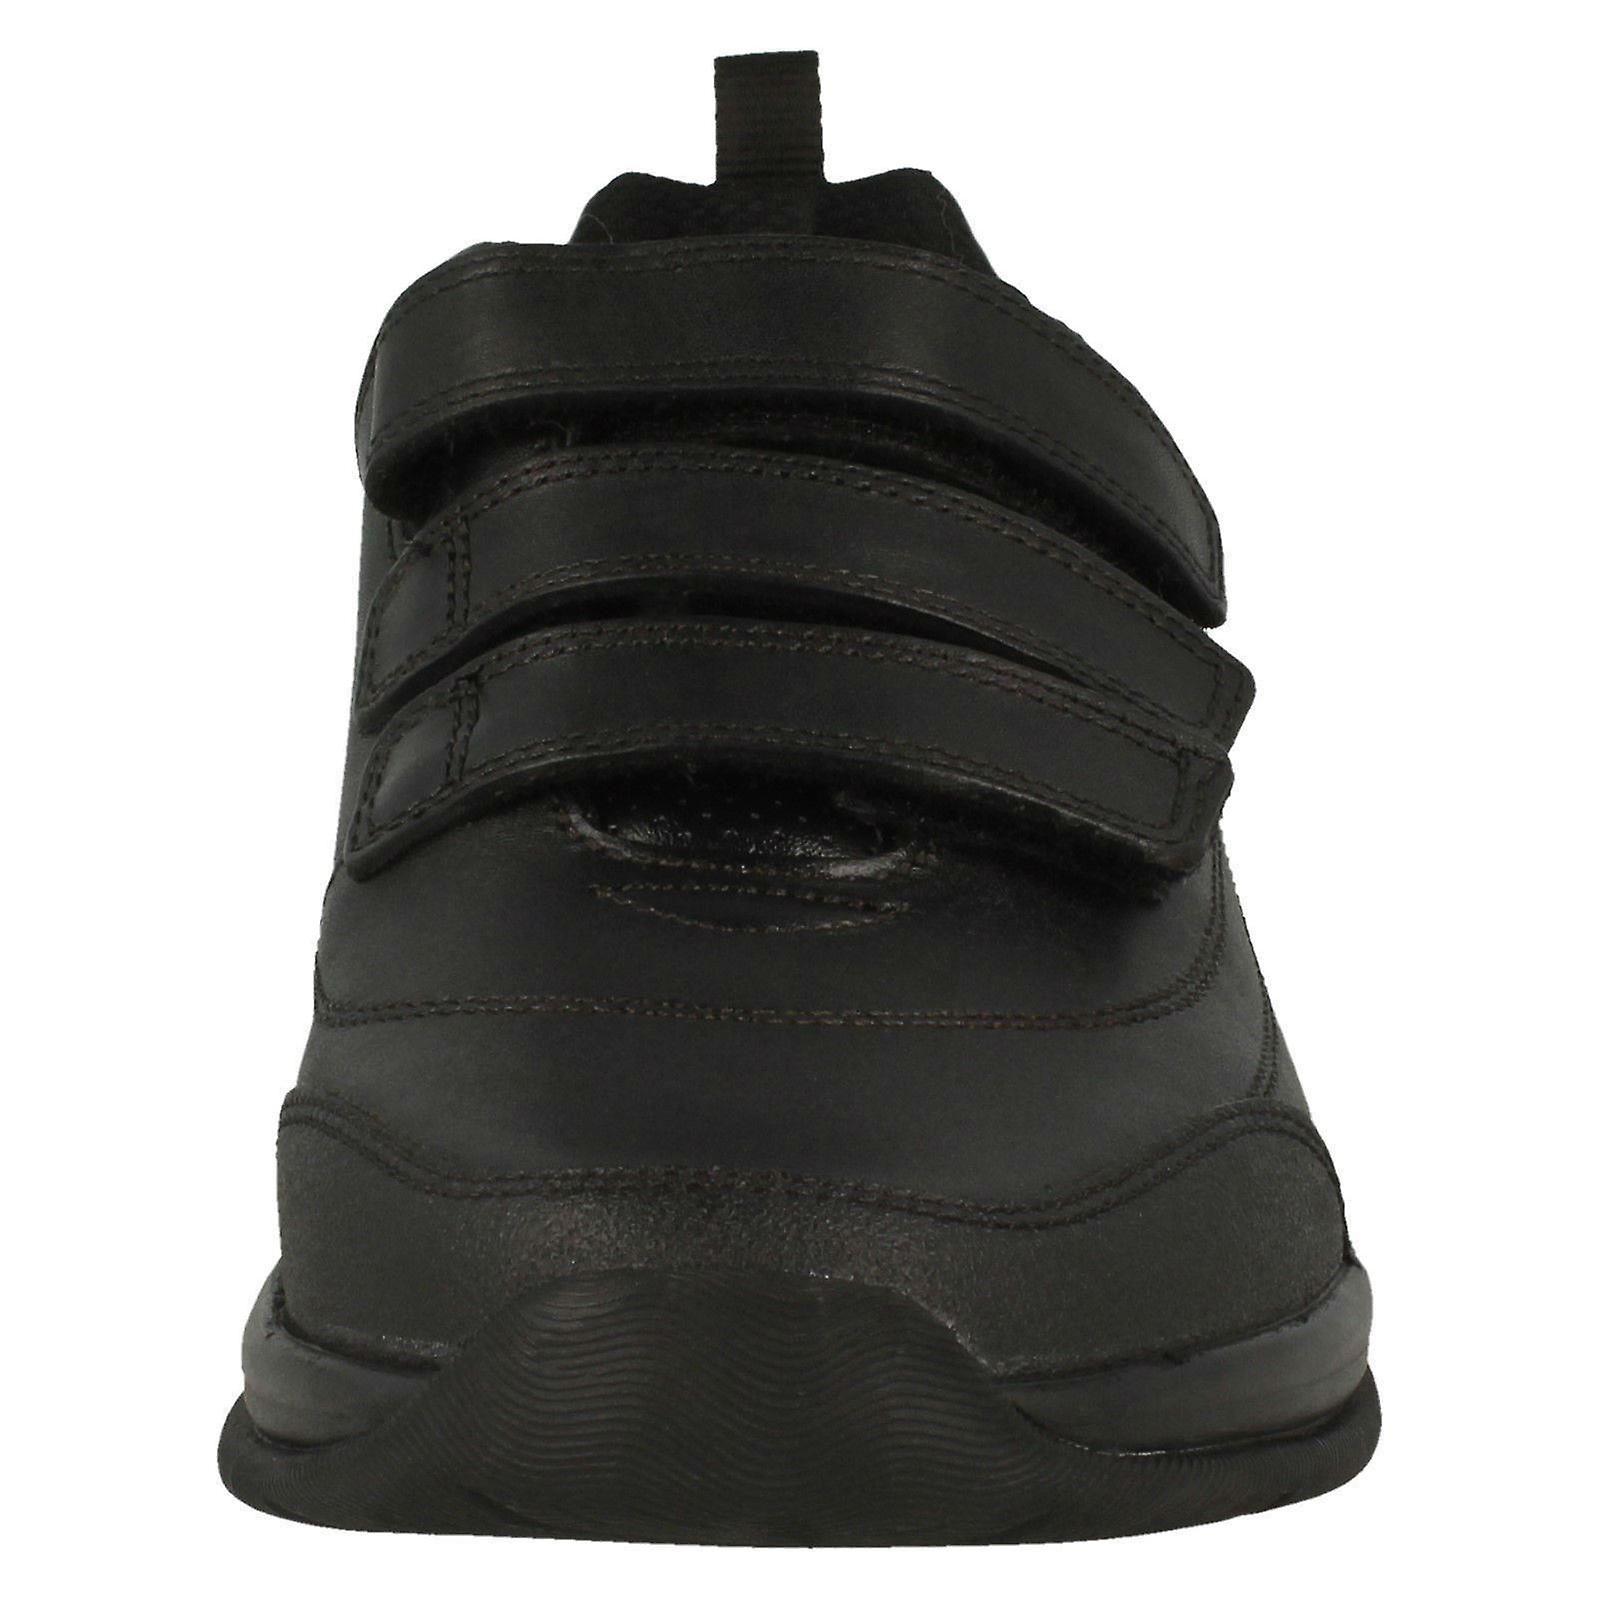 ragazzi clarks hook e loop fissaggio scarpe hula hula hula - brivido | Di Alta Qualità  | Dall'ultimo modello  | Uomo/Donna Scarpa  a226ff